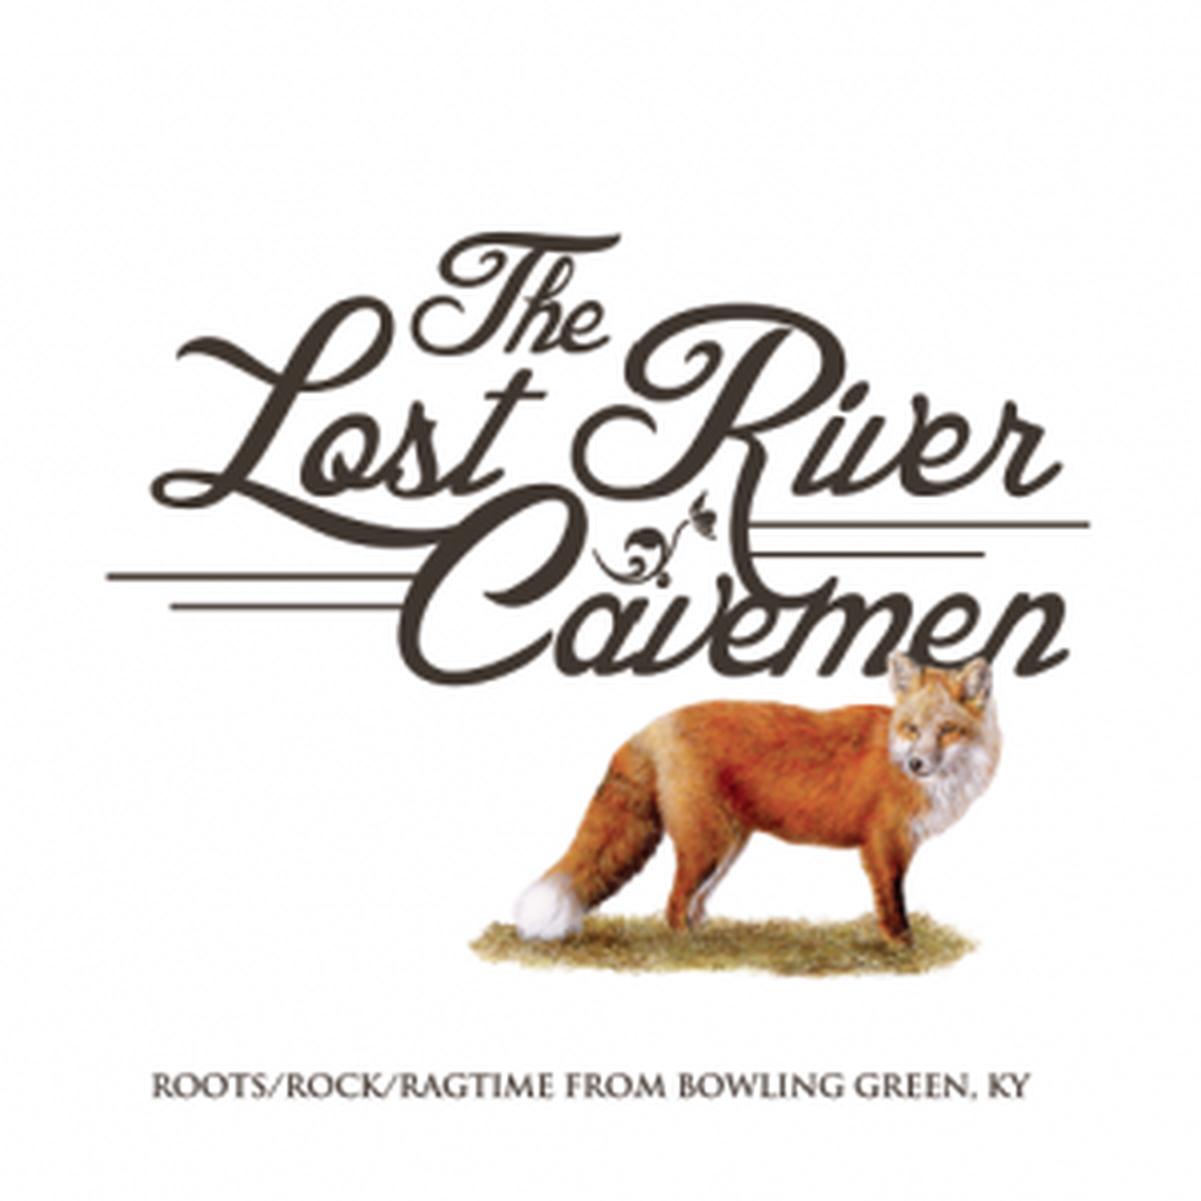 The Lost River Cavemen